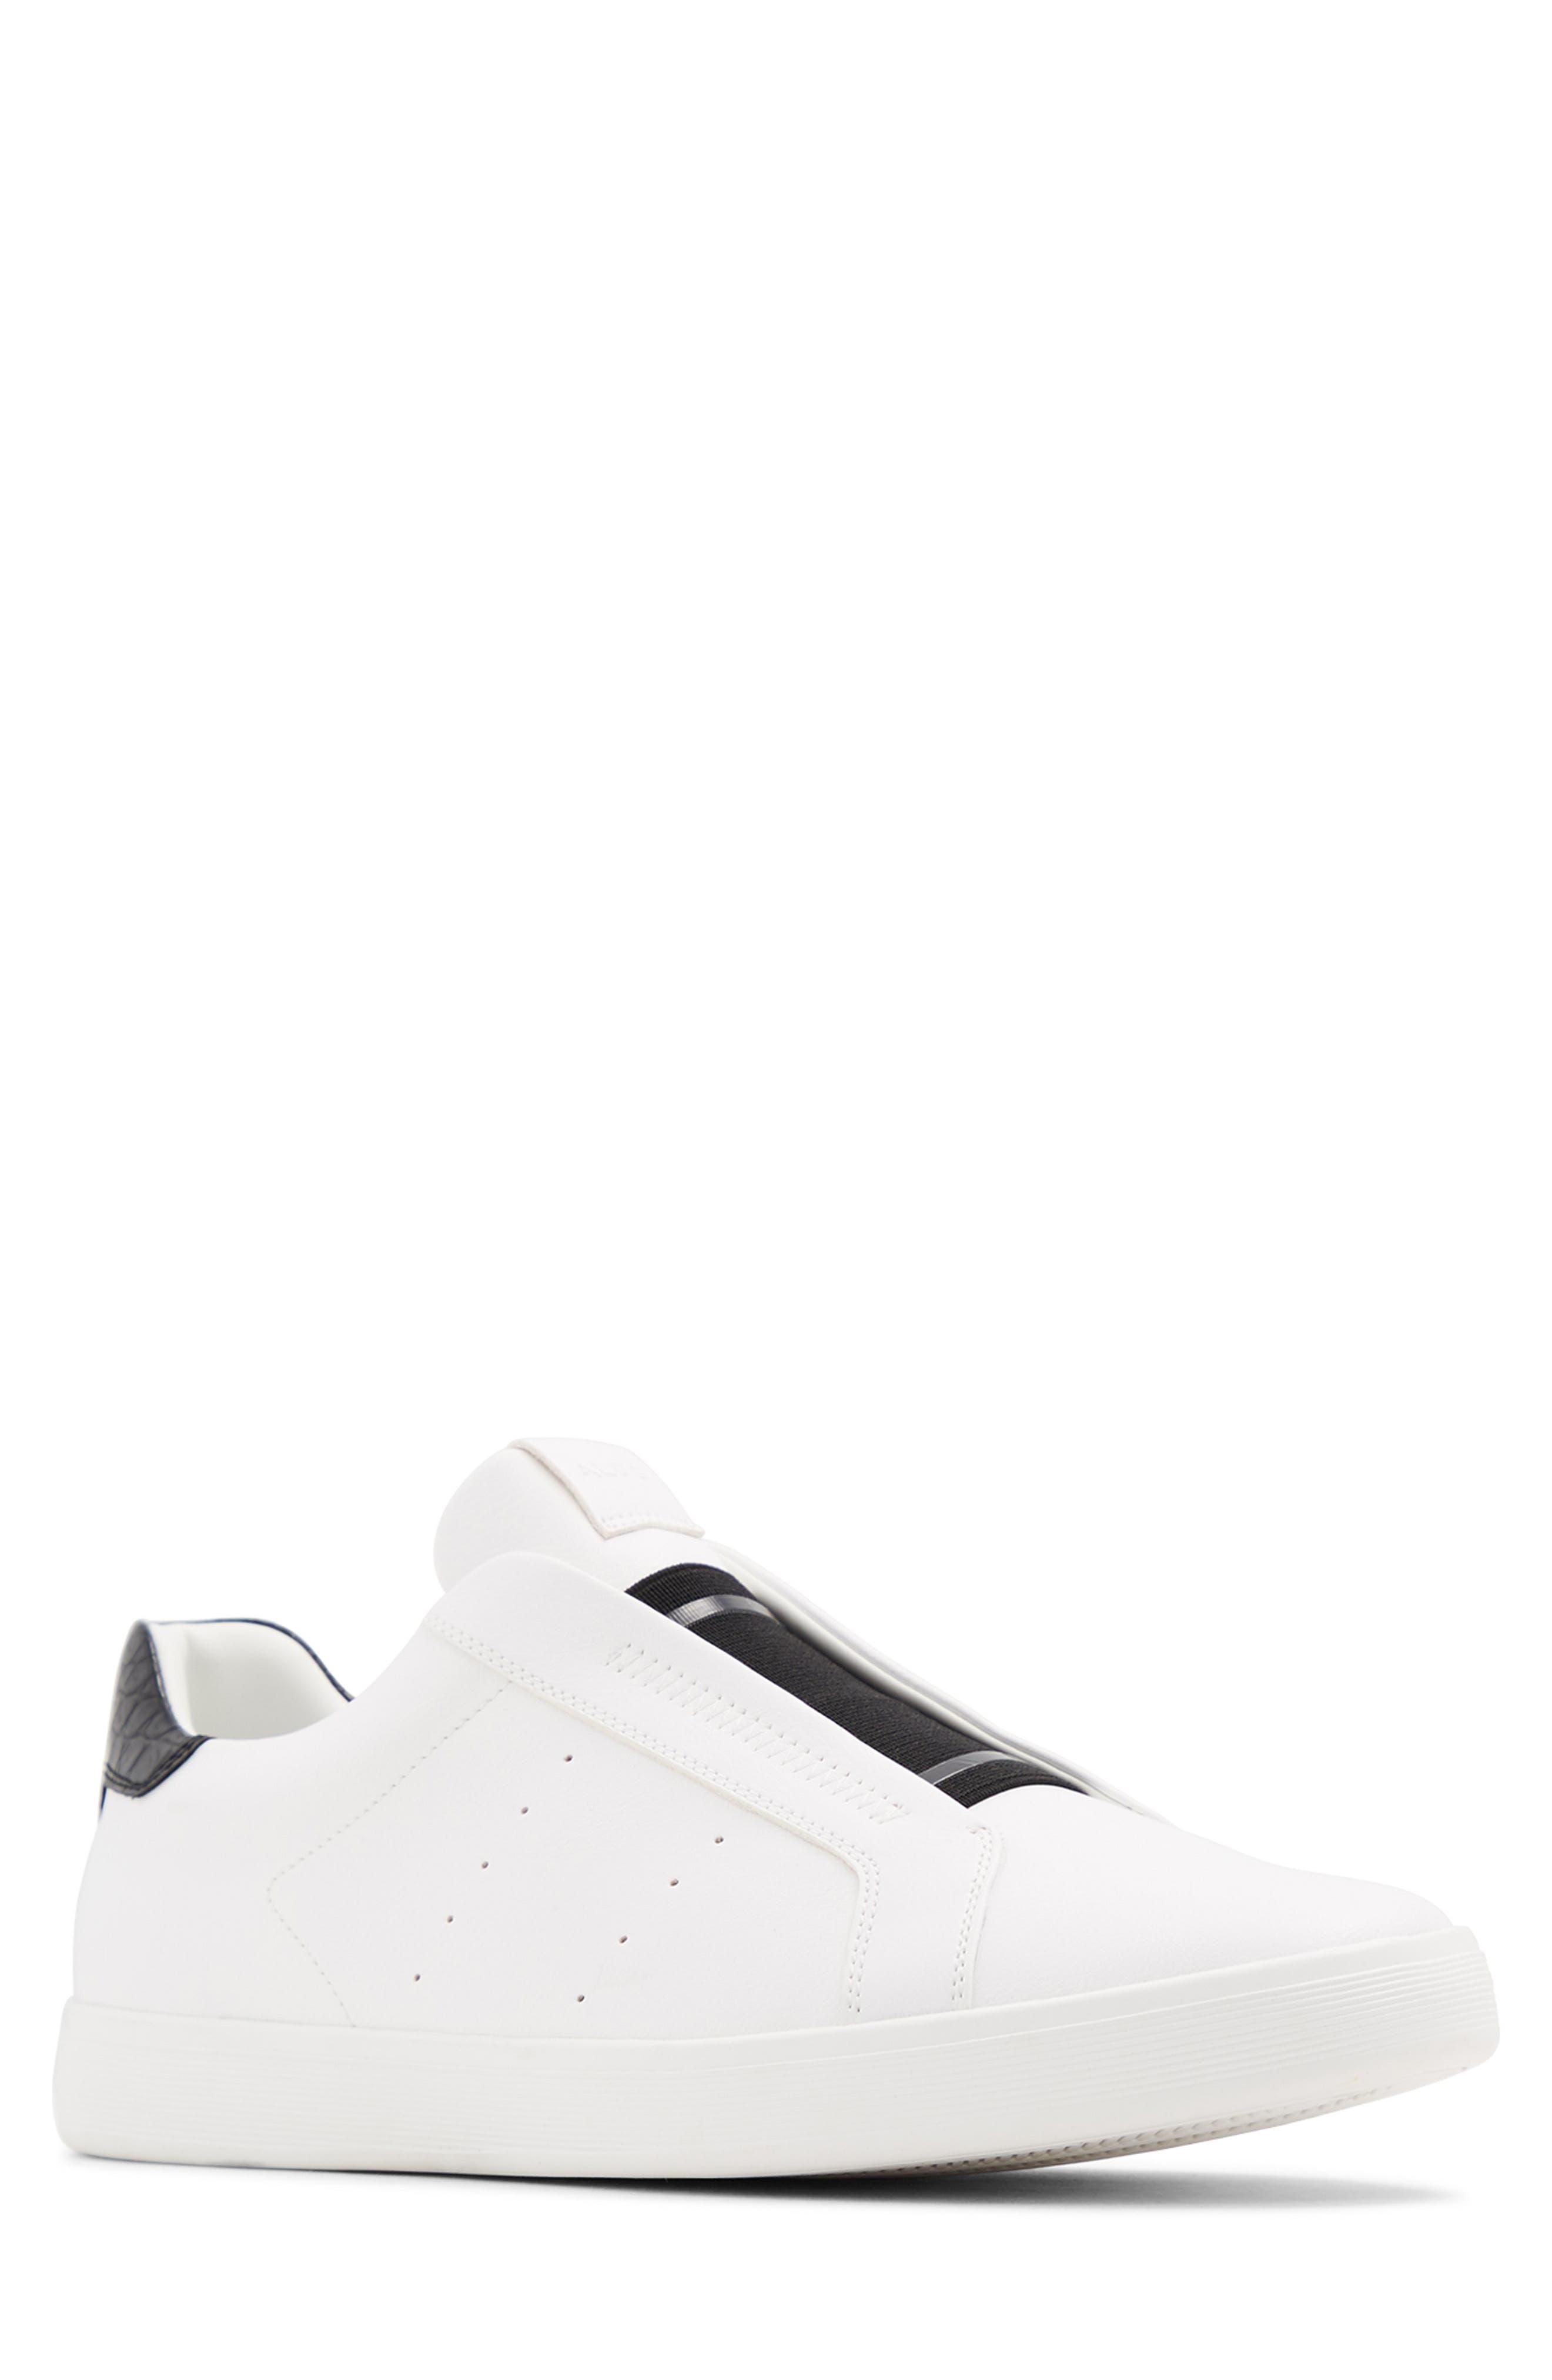 Boomerang Slip-On Sneaker